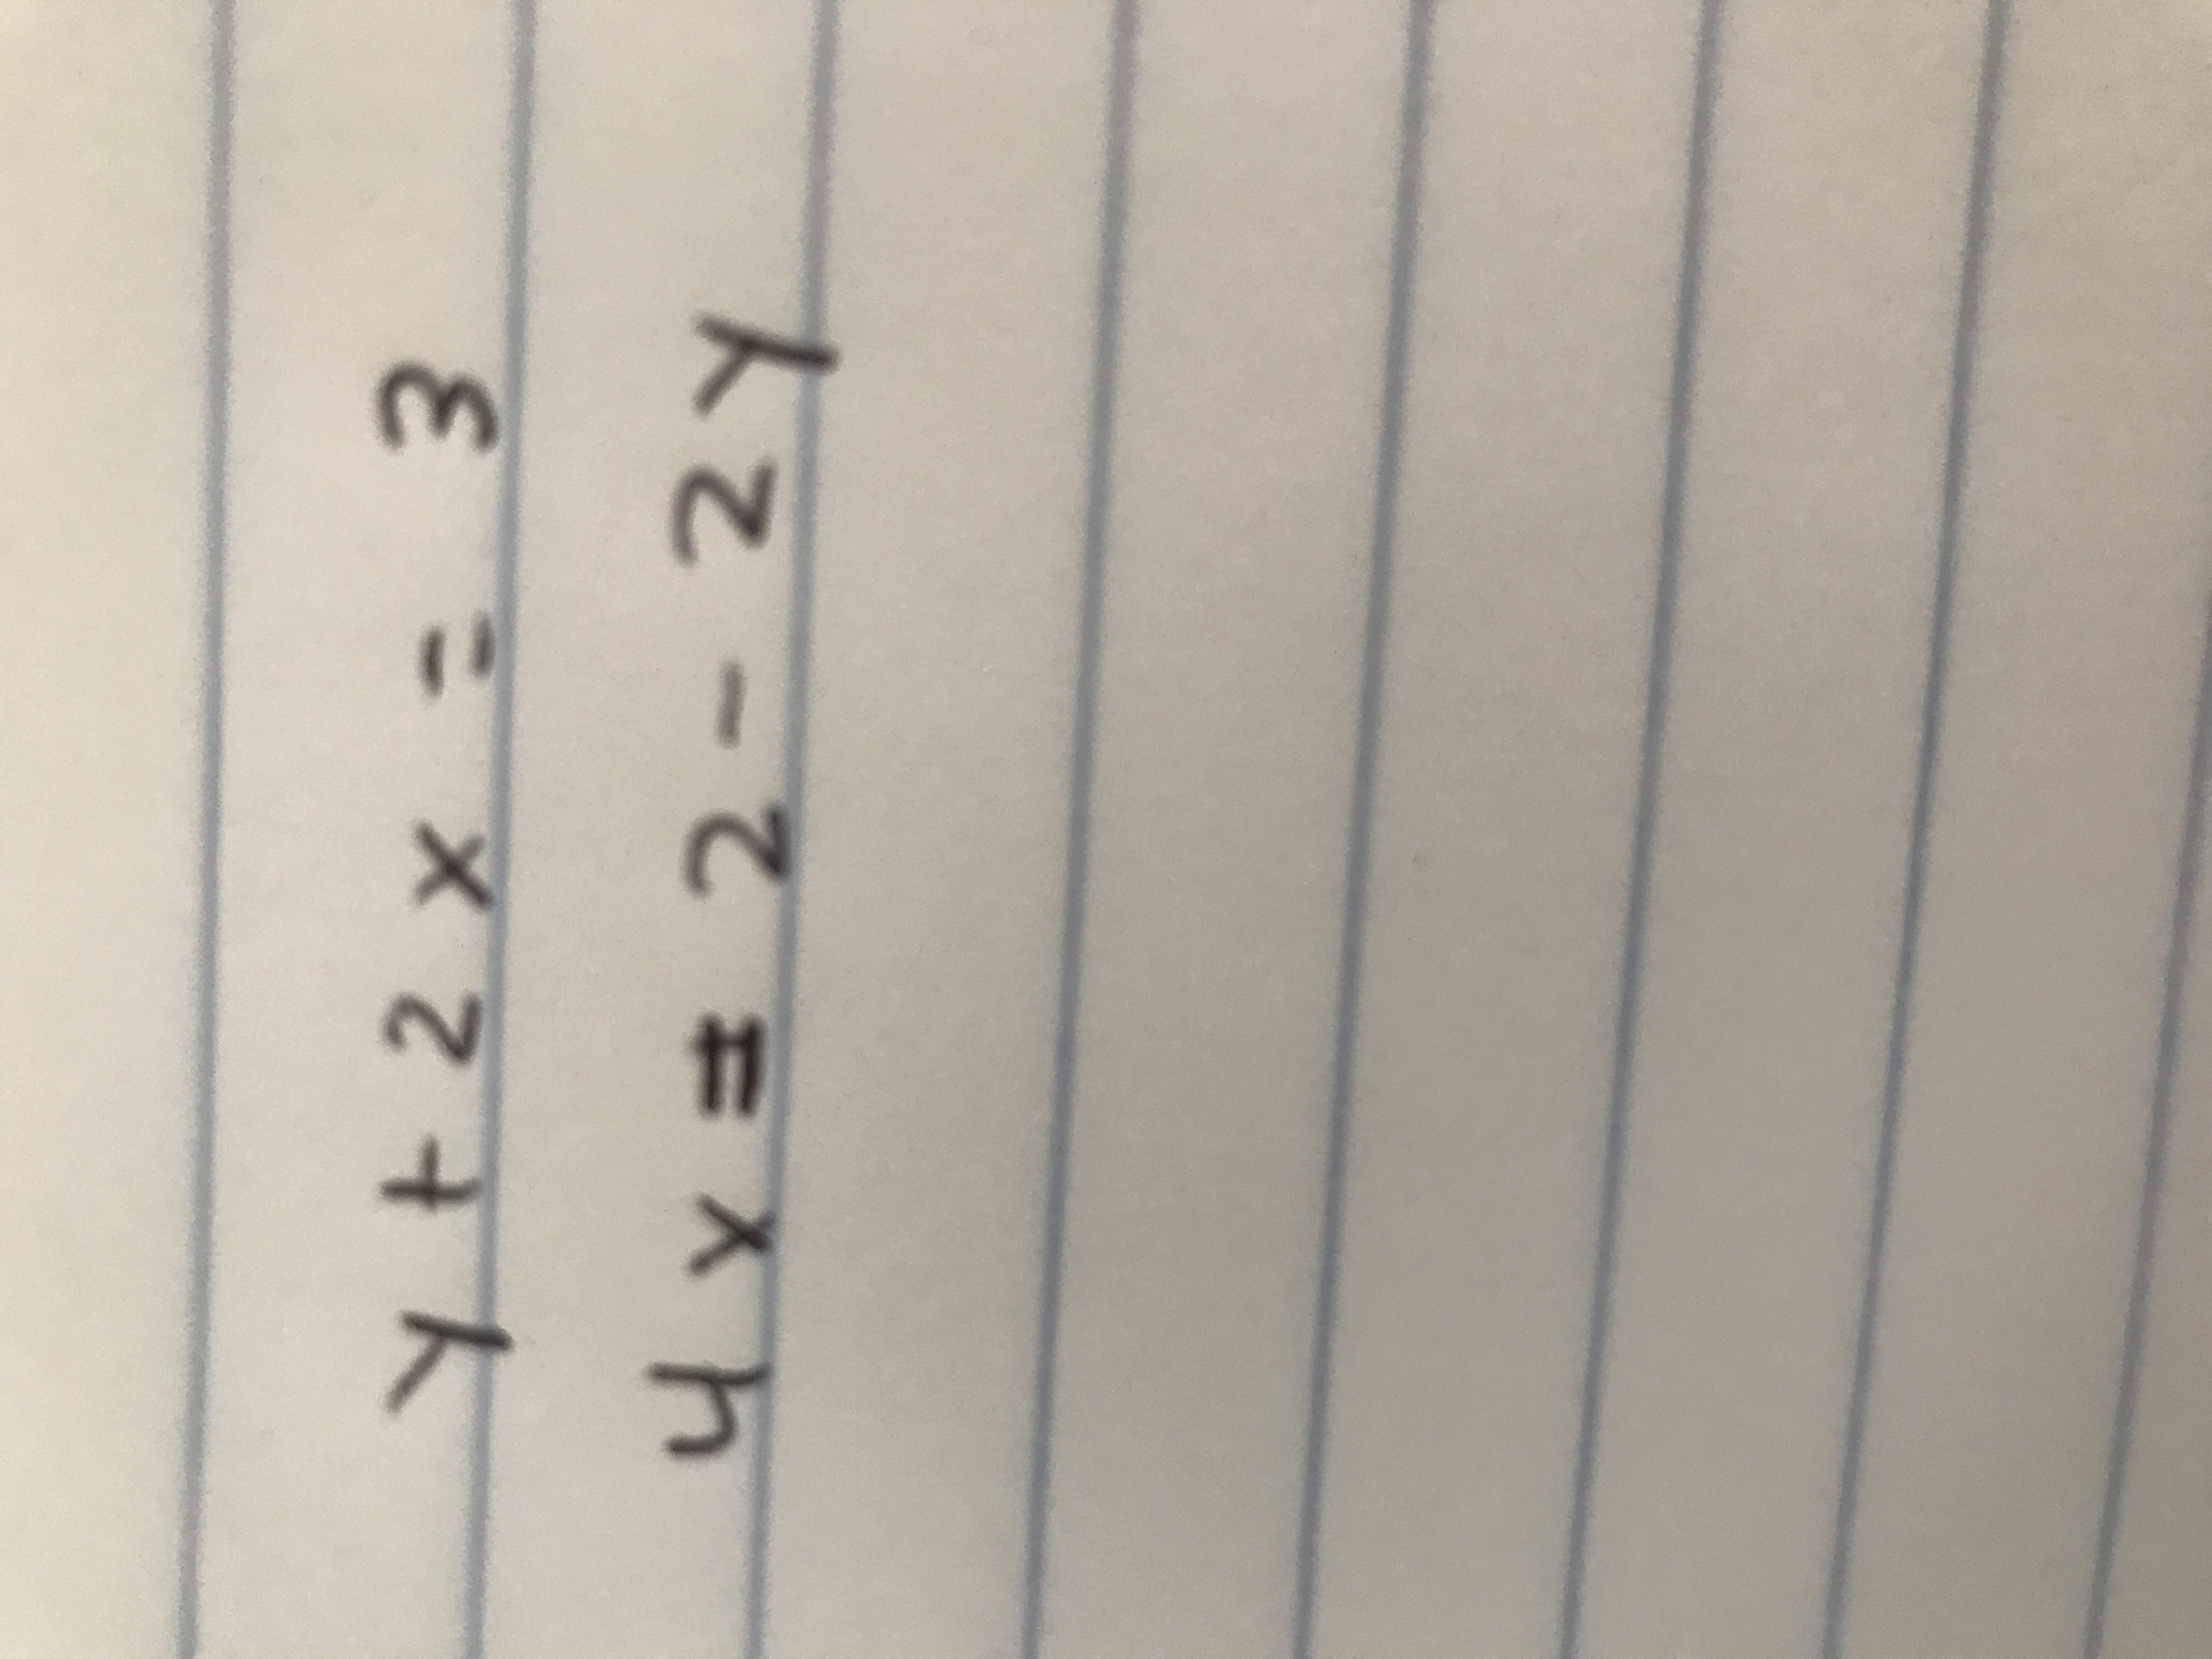 y+2x= 3 4x=2-2Y